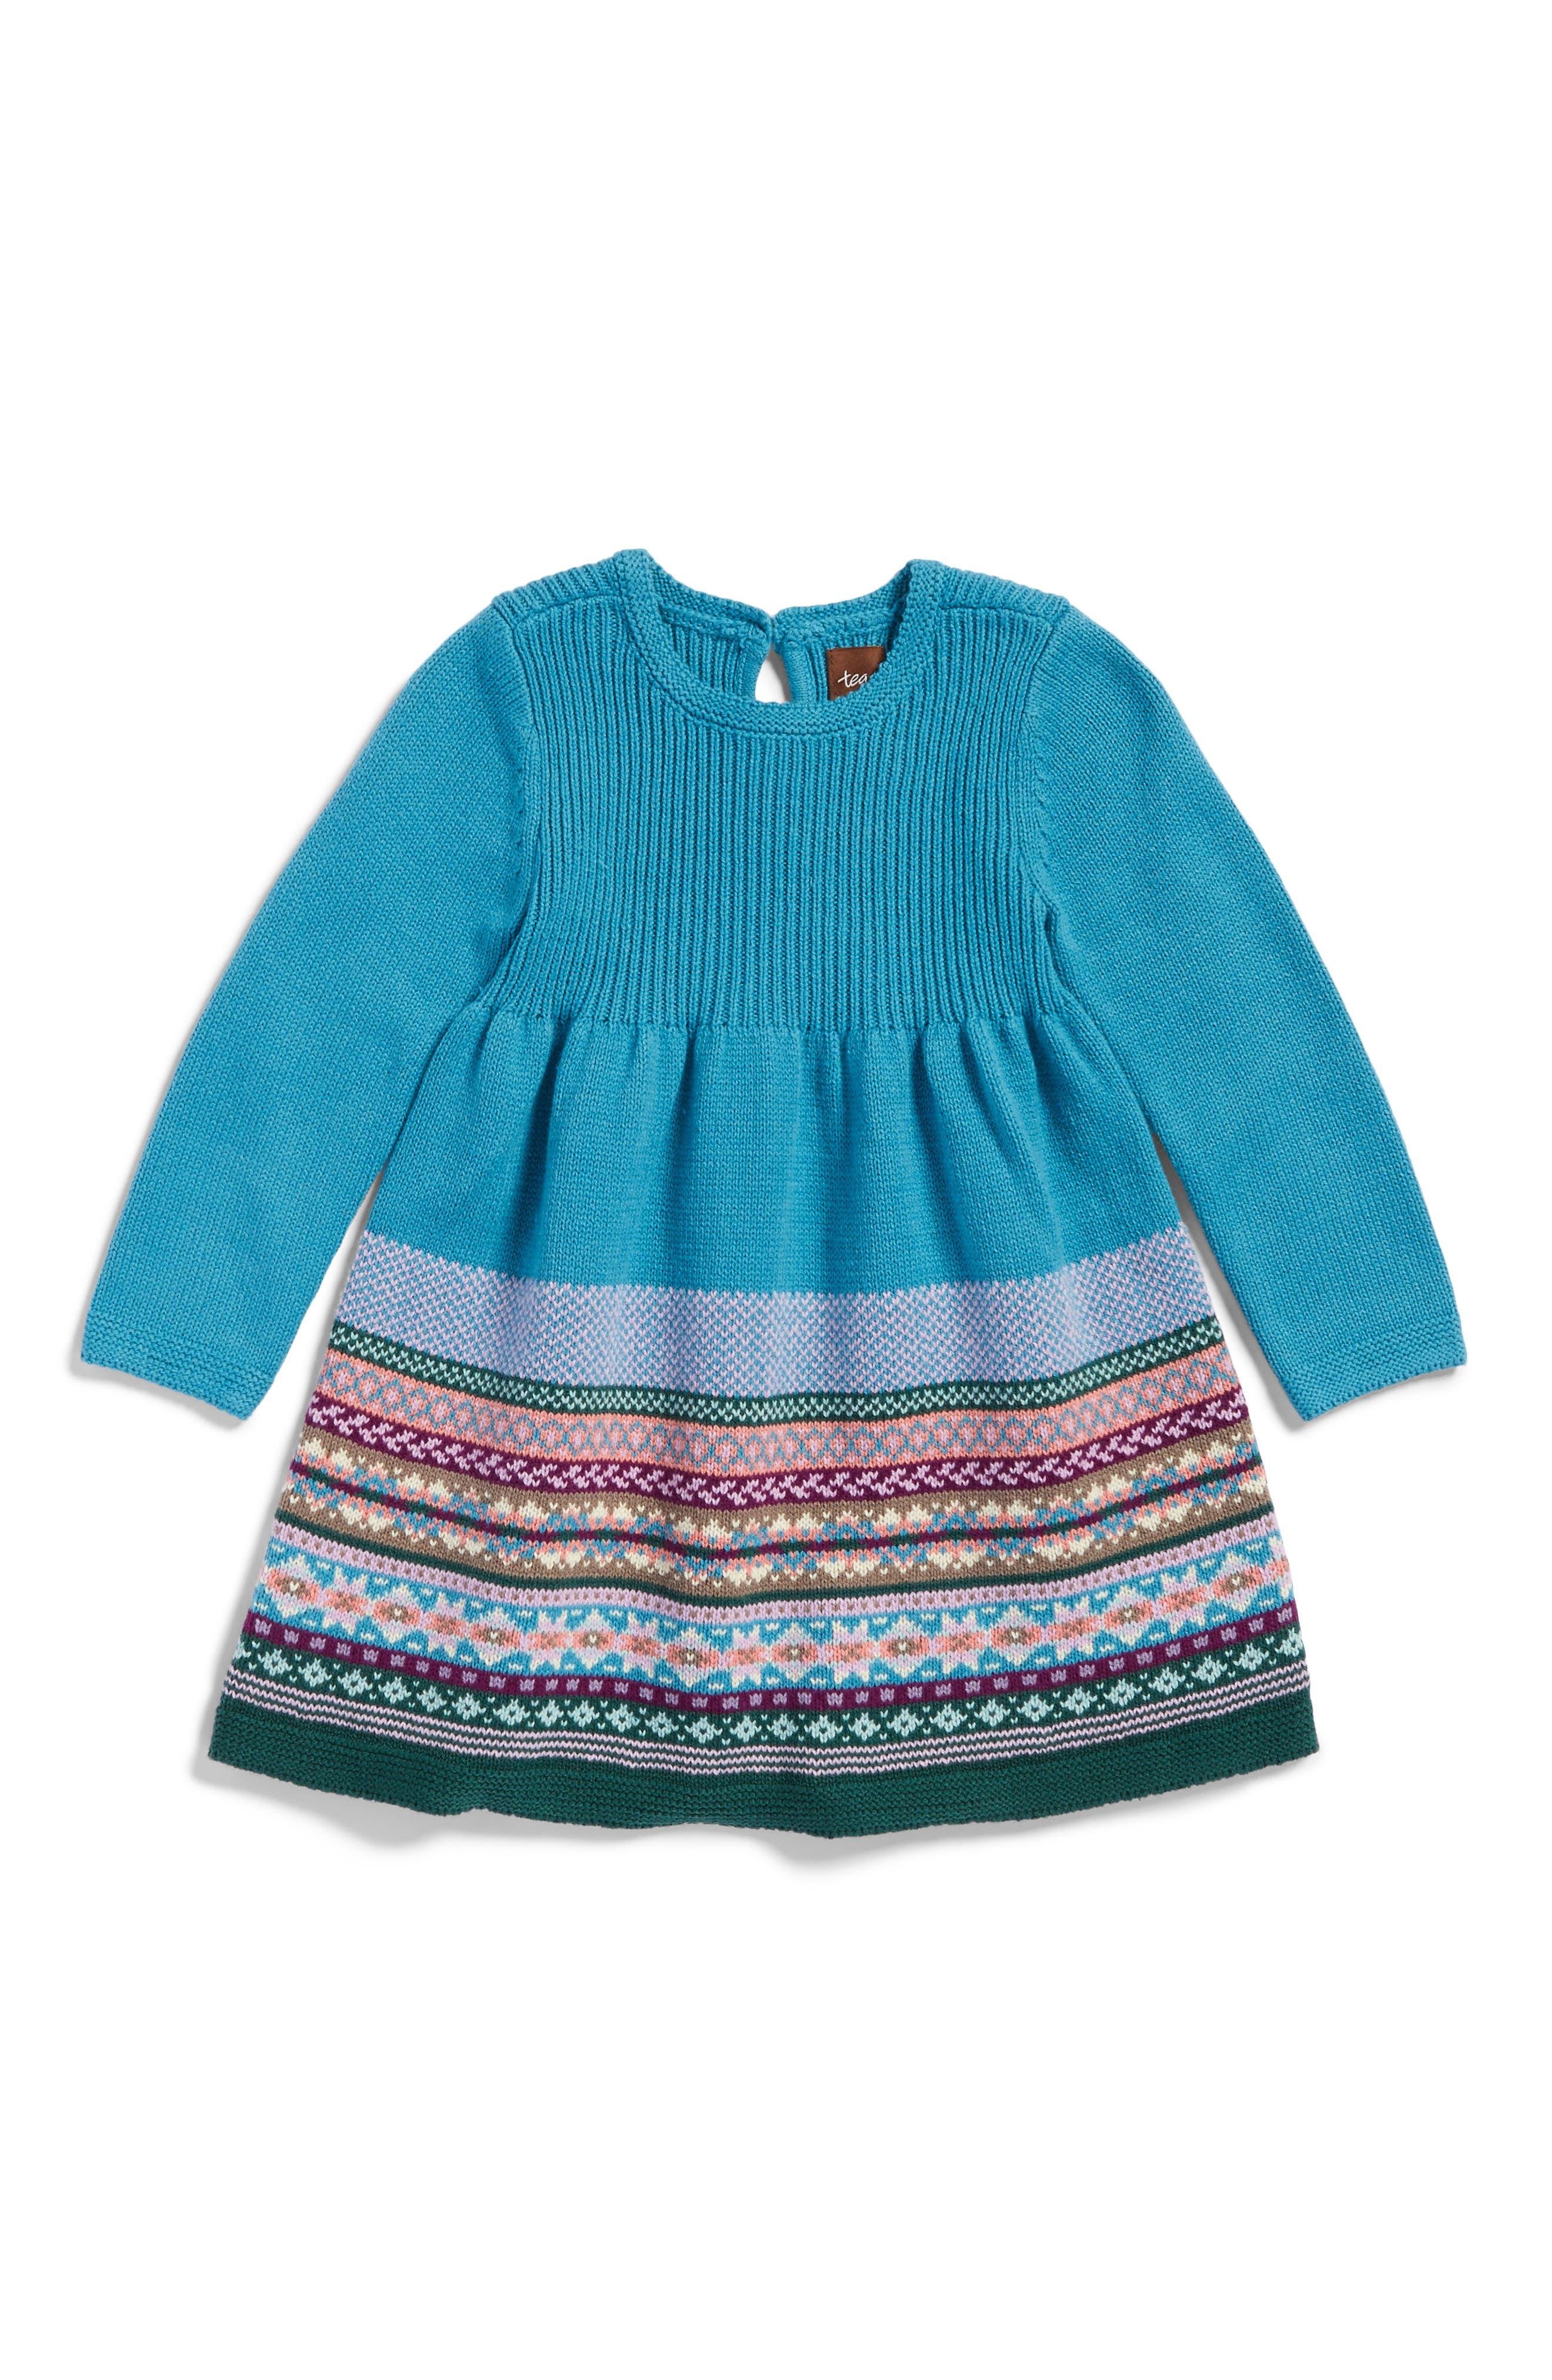 Suzette Sweater Dress,                             Main thumbnail 1, color,                             402